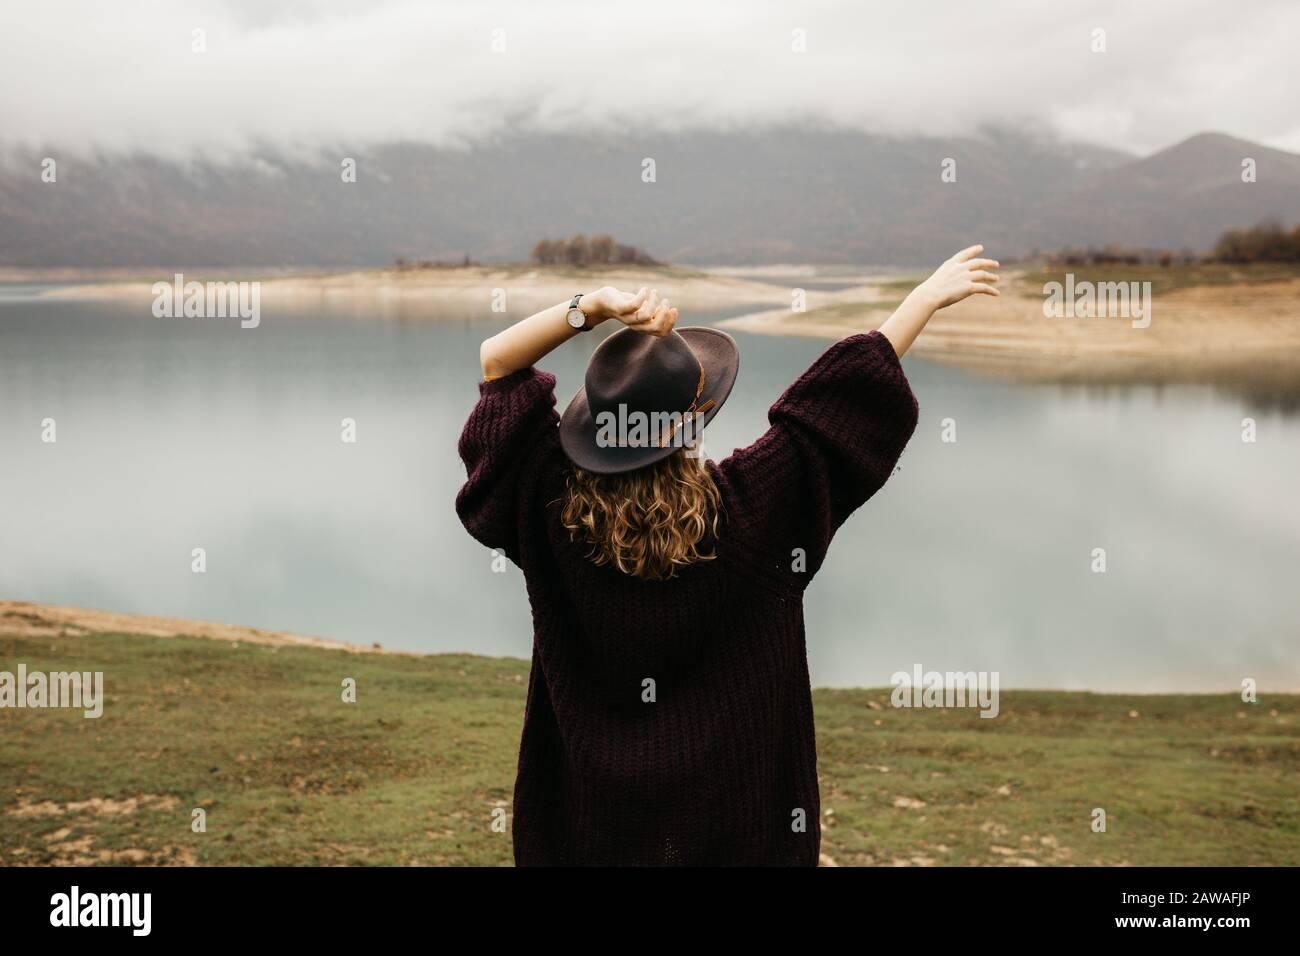 Mujer turística explorando el lago. Ella está de pie girada hacia atrás y mirando a distancia, con sus manos en el aire. Foto de stock